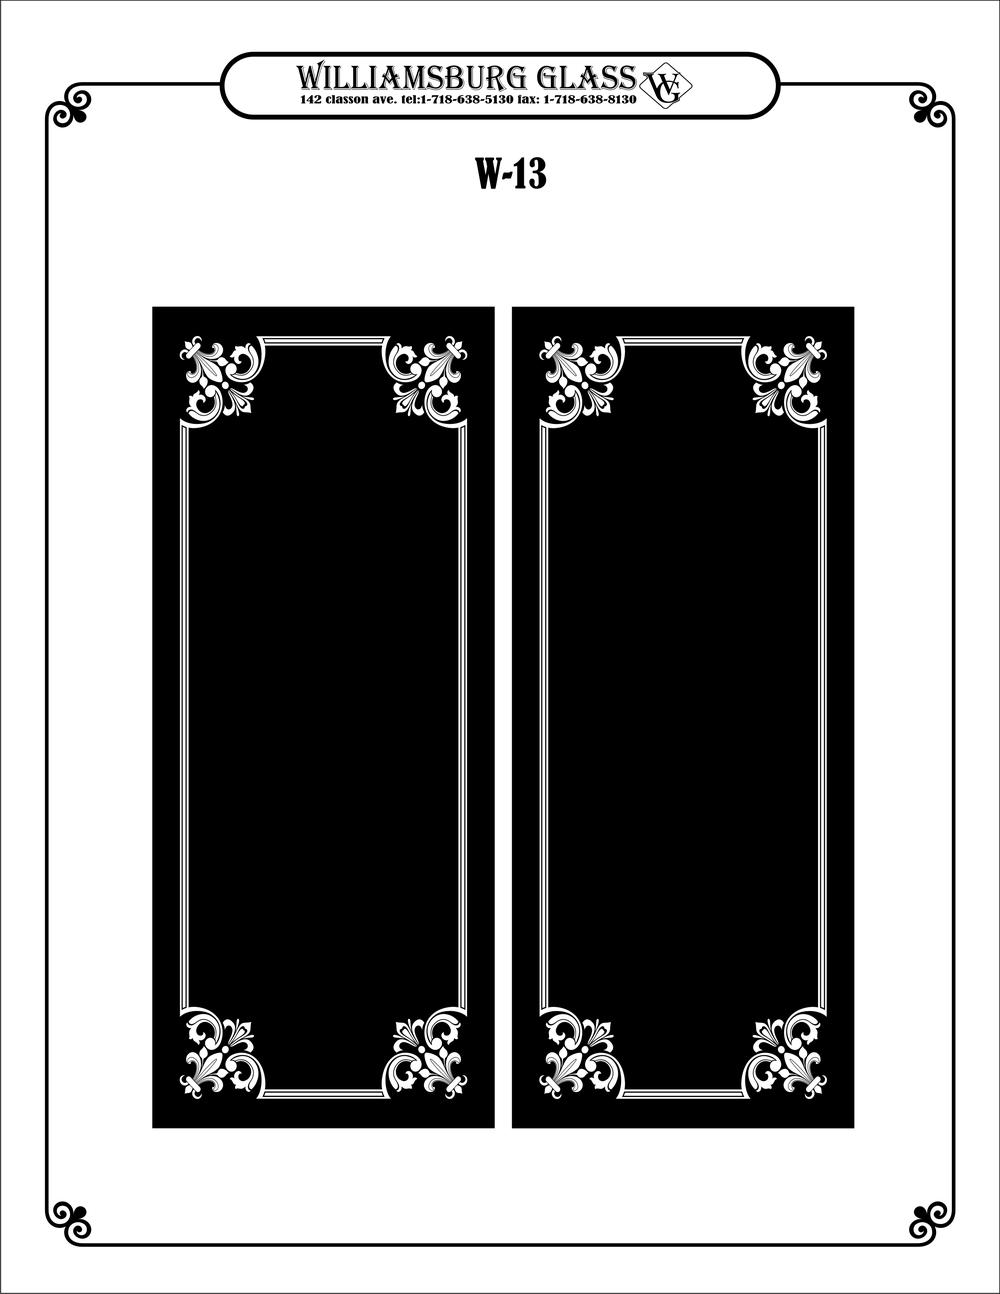 WG-13.jpg